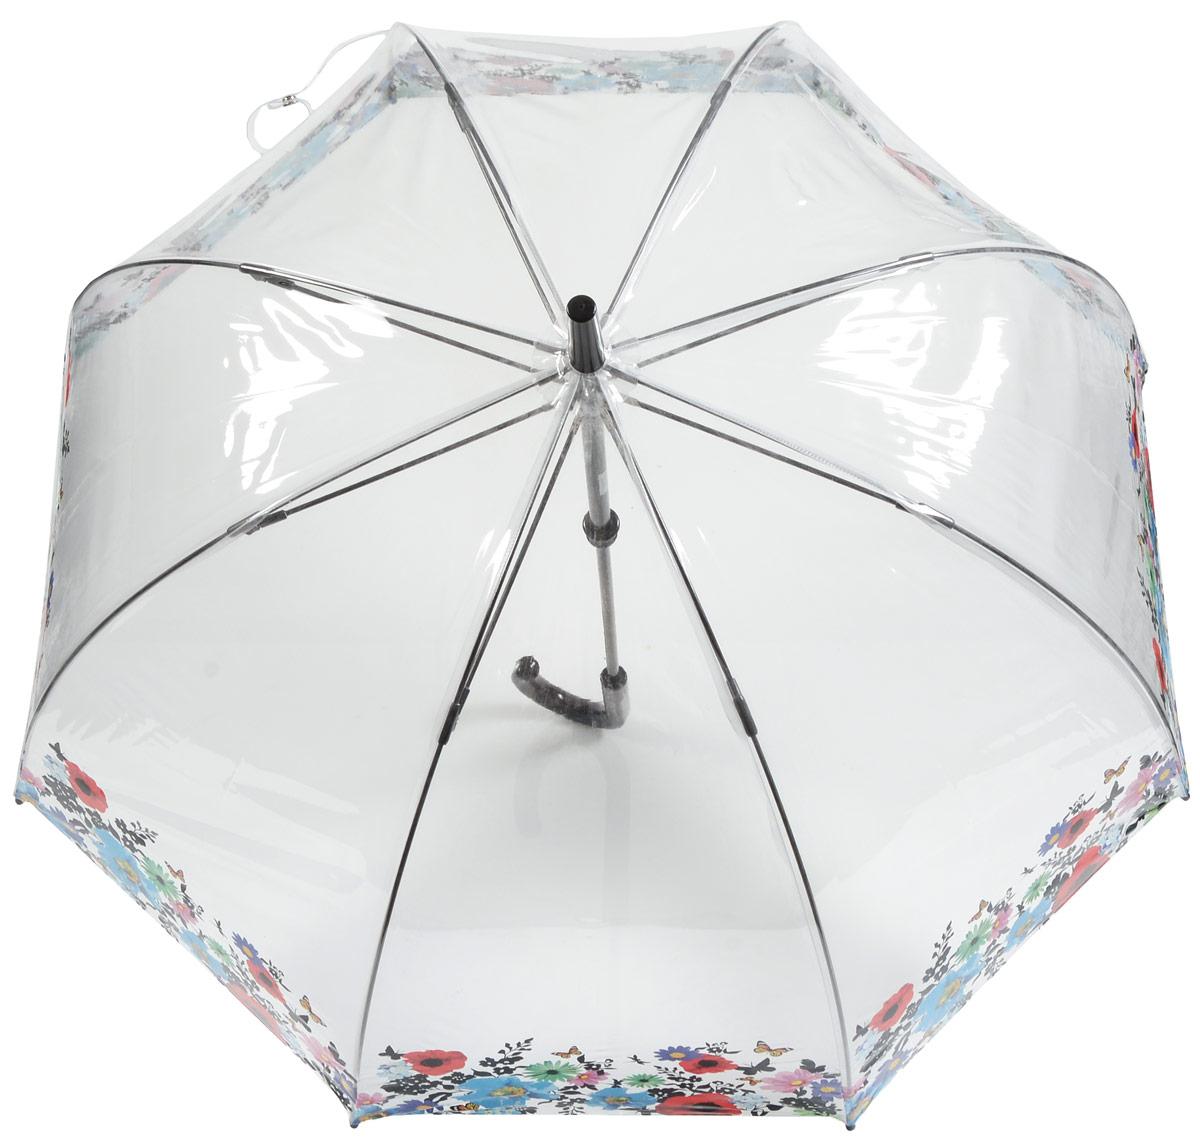 Зонт-трость женский Fulton, механика, цвет: прозрачный, мультиколор. L042-3165L042-3165 WildFlowersСтильный зонт-трость Fulton даже в ненастную погоду позволит вам оставаться стильной и элегантной. Каркас зонта включает 8 спиц из фибергласса и состоит из стержня, изготовленного из прочной и ветроустойчивой стали. Купол зонта выполнен из качественного ПВХ. Рукоятка закругленной формы, разработанная с учетом требований эргономики, изготовлена из пластика. Зонт механического сложения: купол открывается и закрывается вручную до характерного щелчка. Такой зонт не только надежно защитит вас от дождя, но и станет стильным аксессуаром, который идеально подчеркнет ваш неповторимый образ.